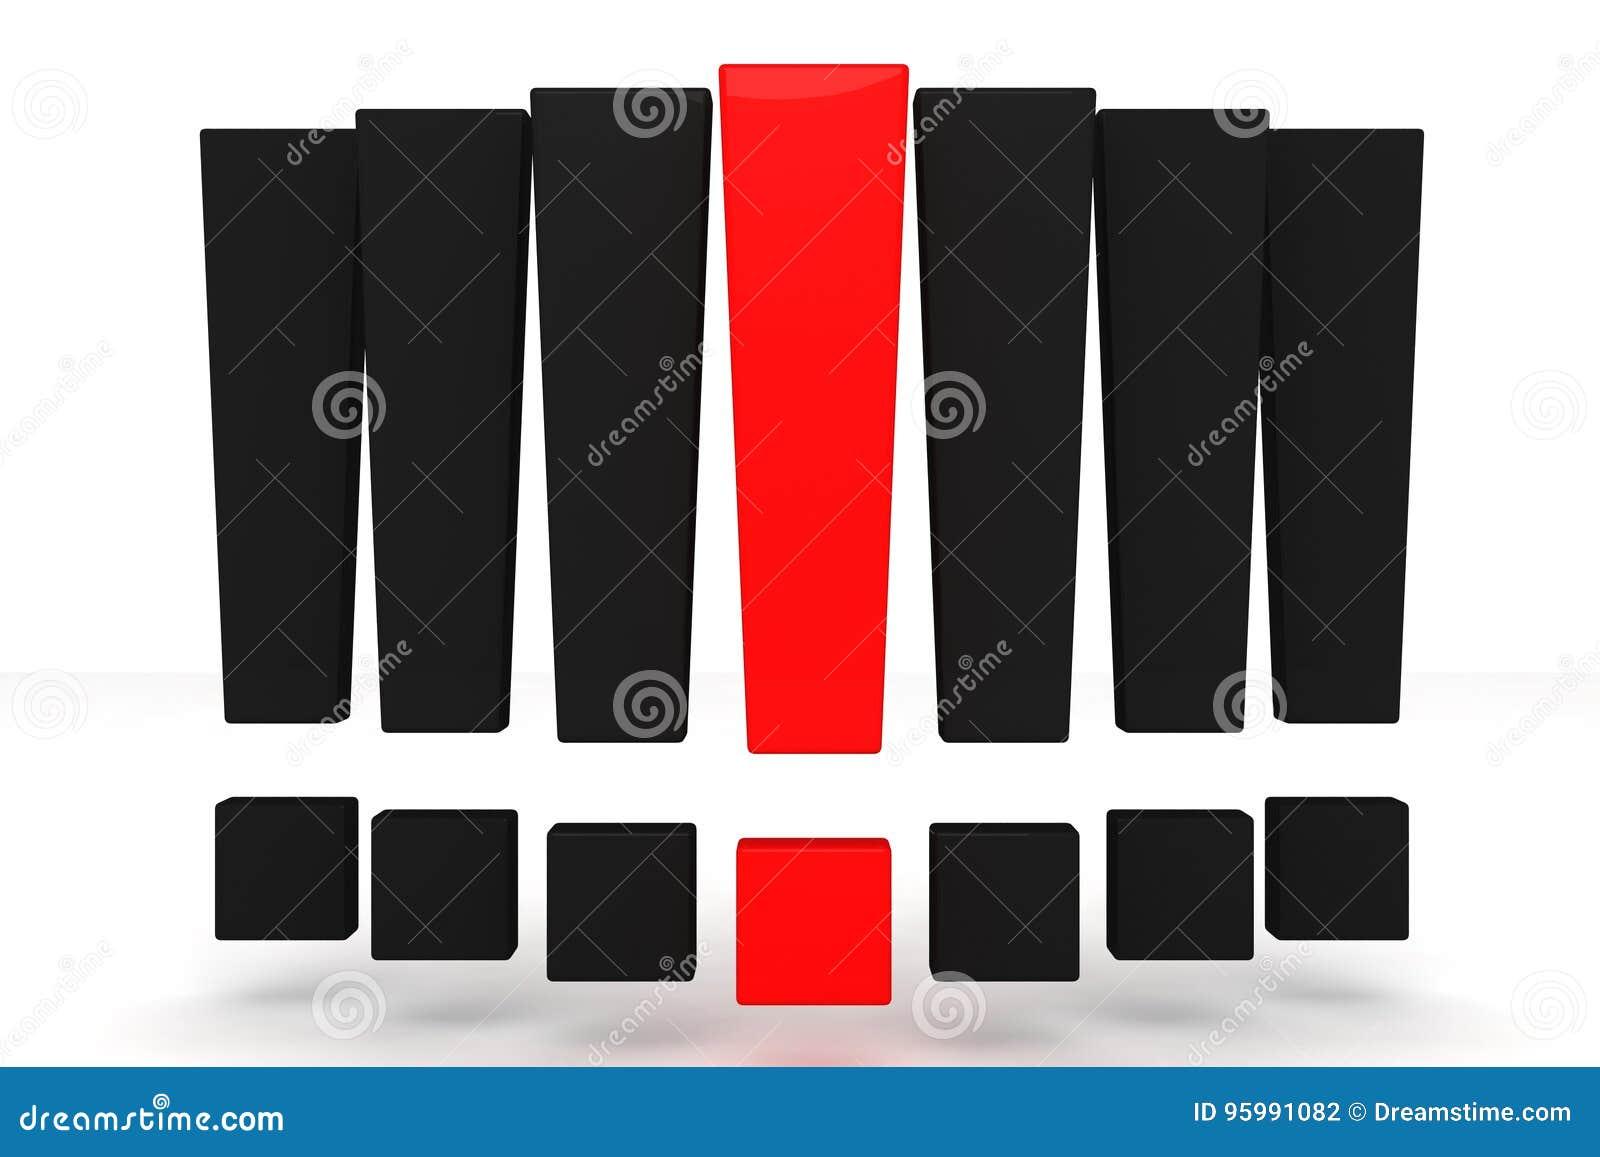 Красный и черный восклицательный знак